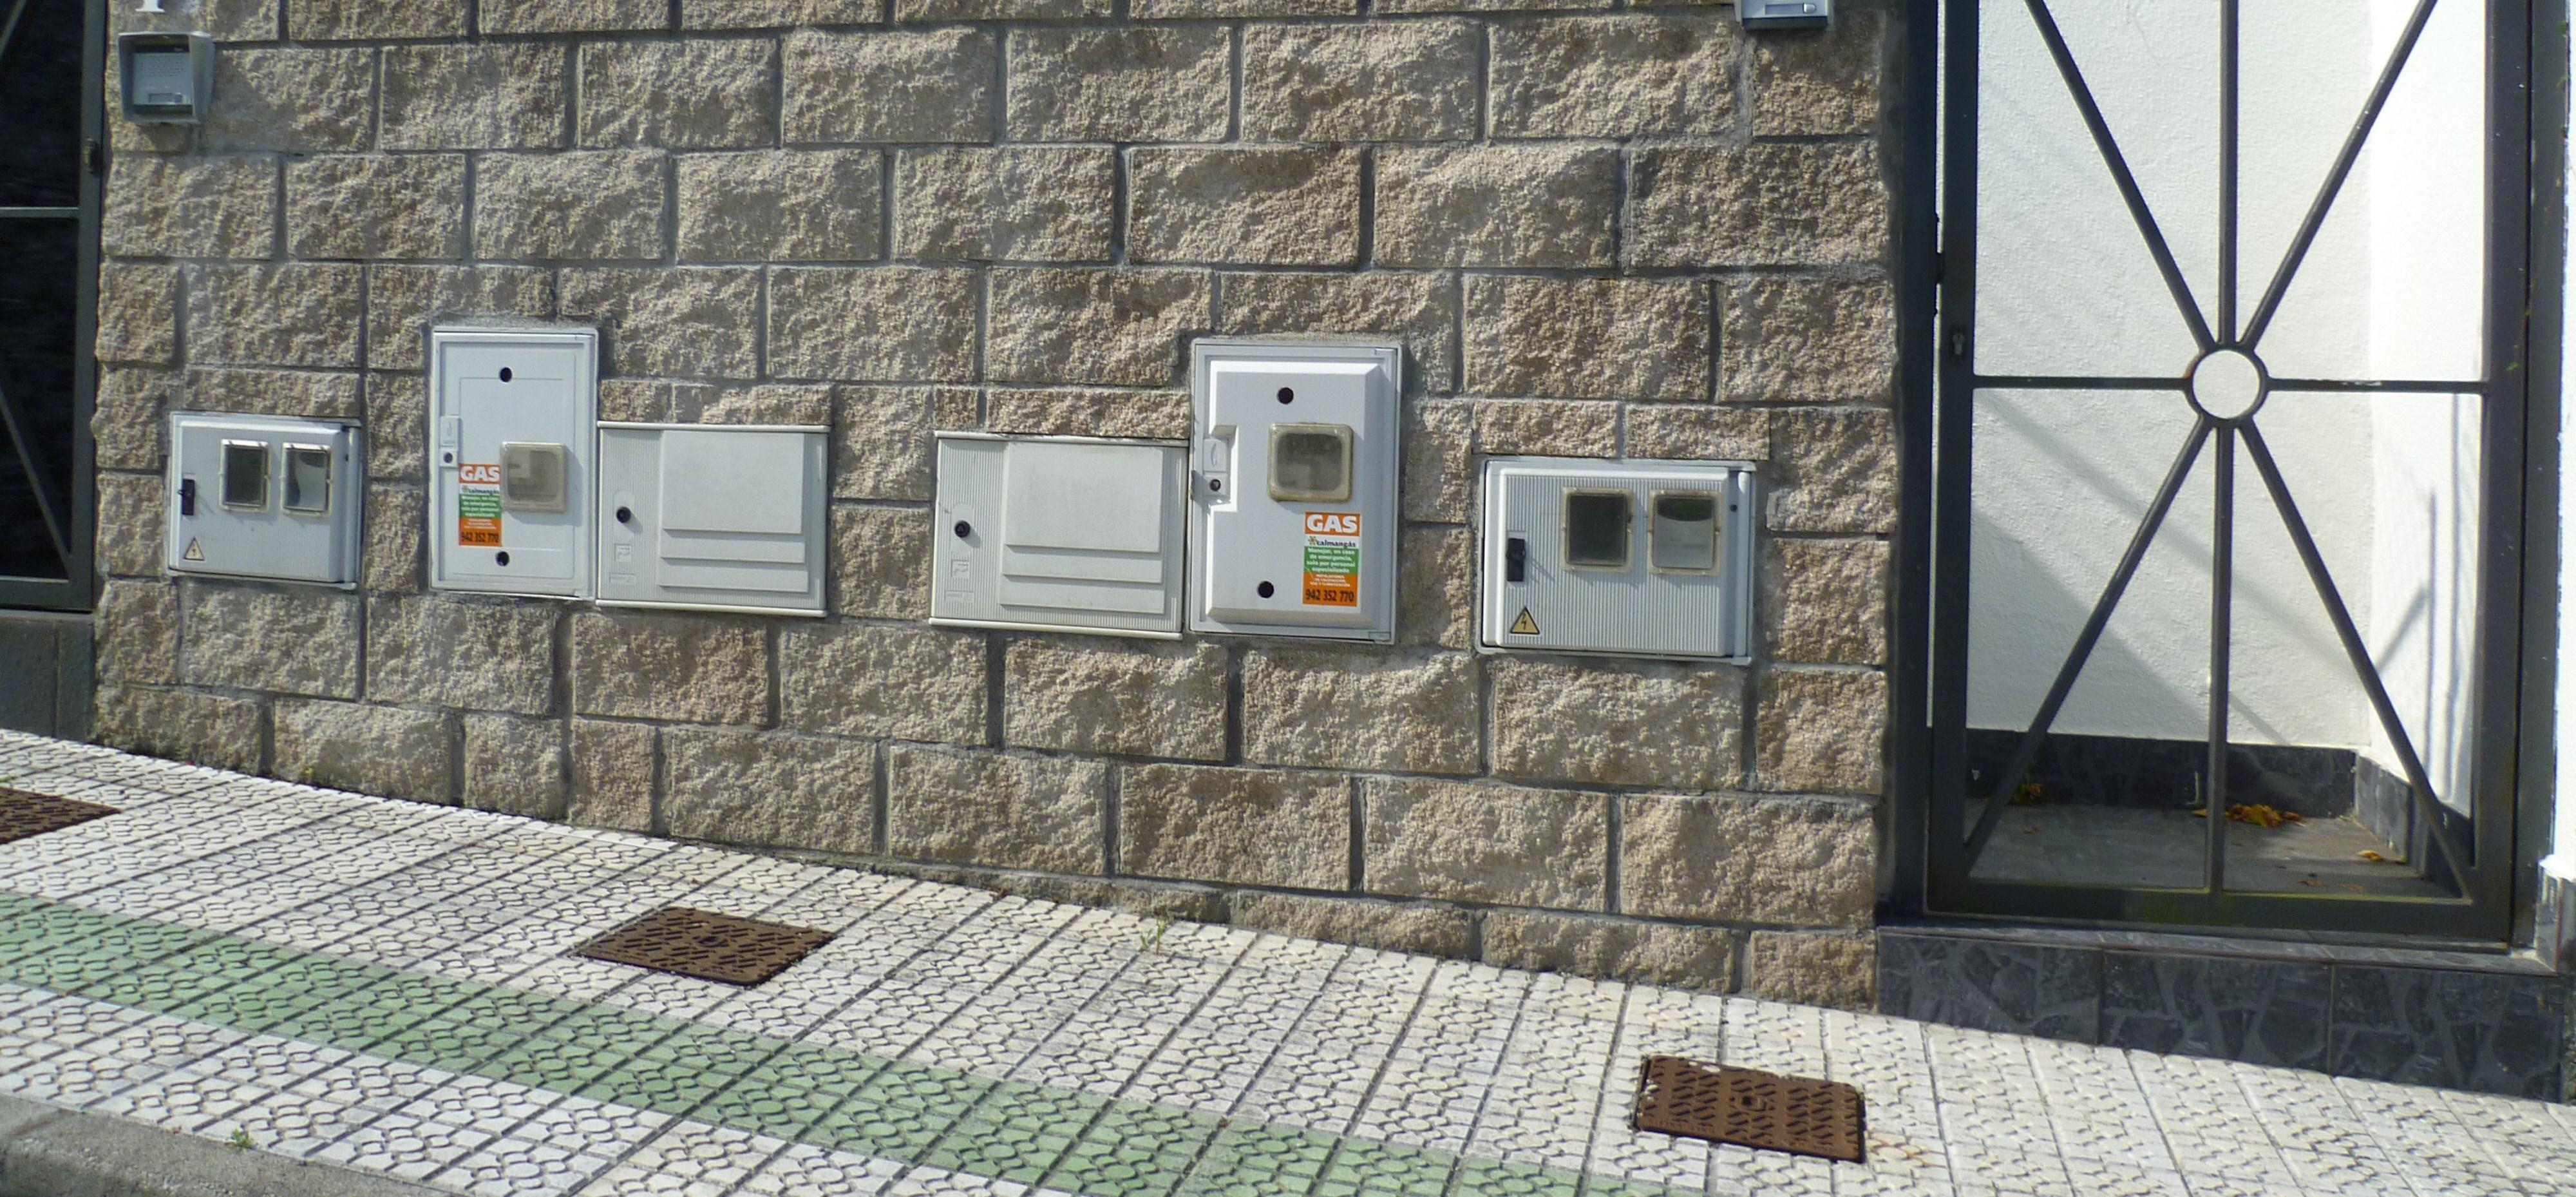 Instalacin elctrica y de ICT en urbanizacin de chalets pareados  Instalaciones Elctricas en Viviendas y Edificacin